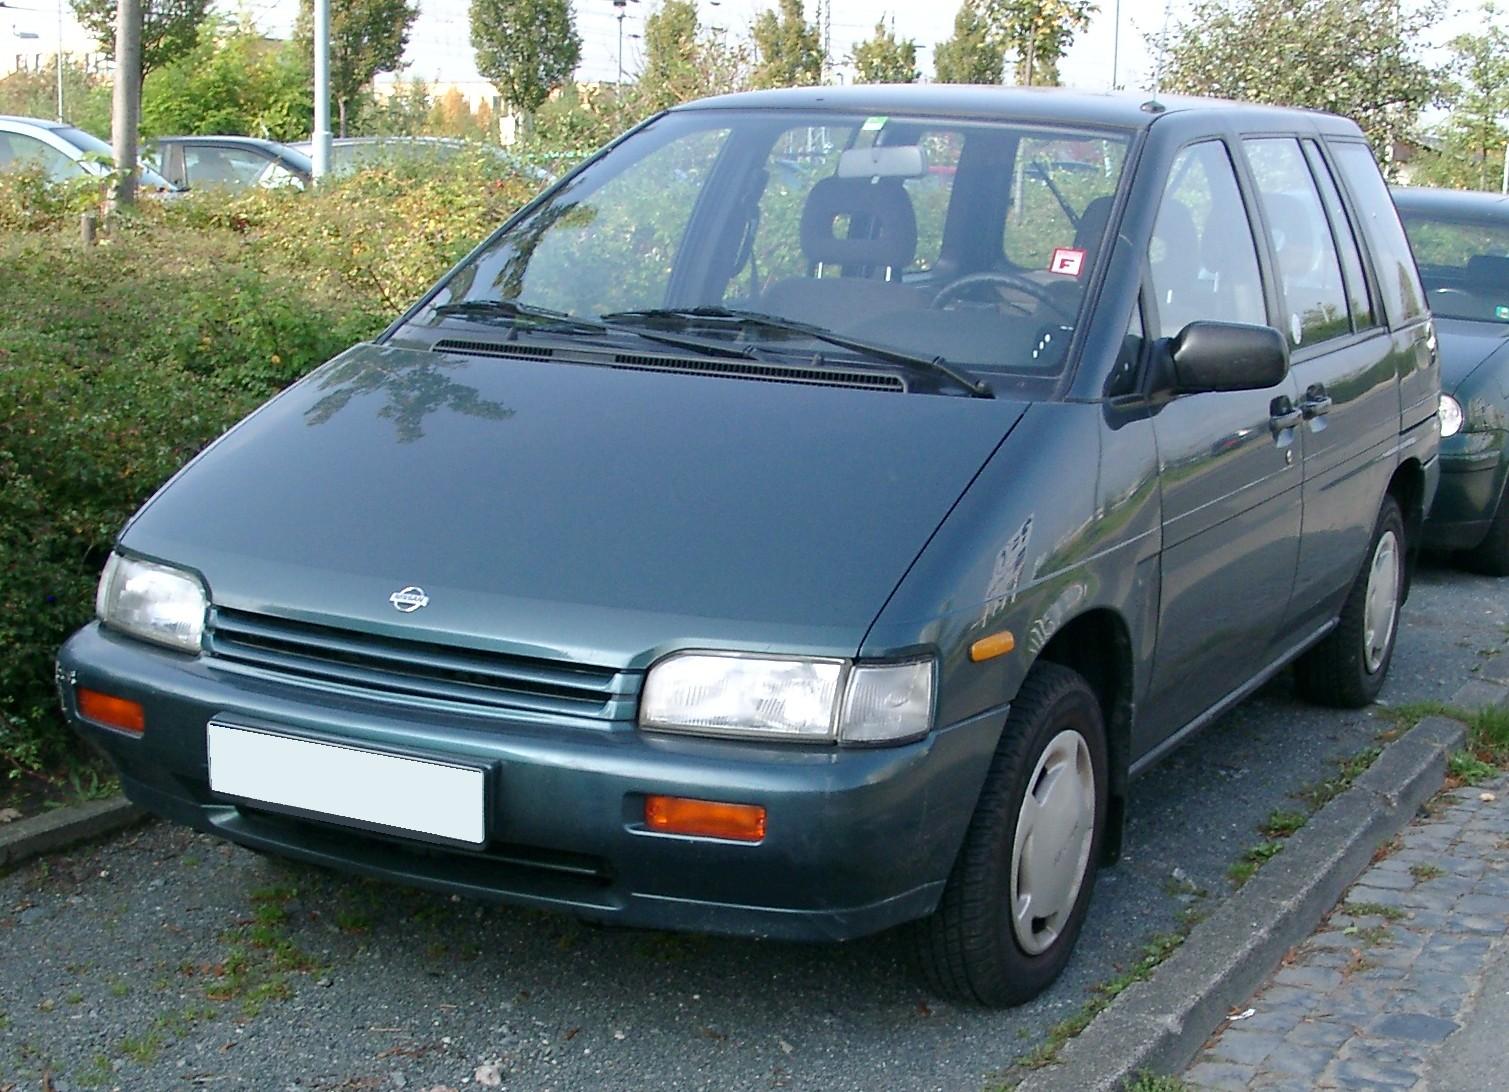 Nissan Prairie II (M11) 1988 - 1998 Compact MPV #3